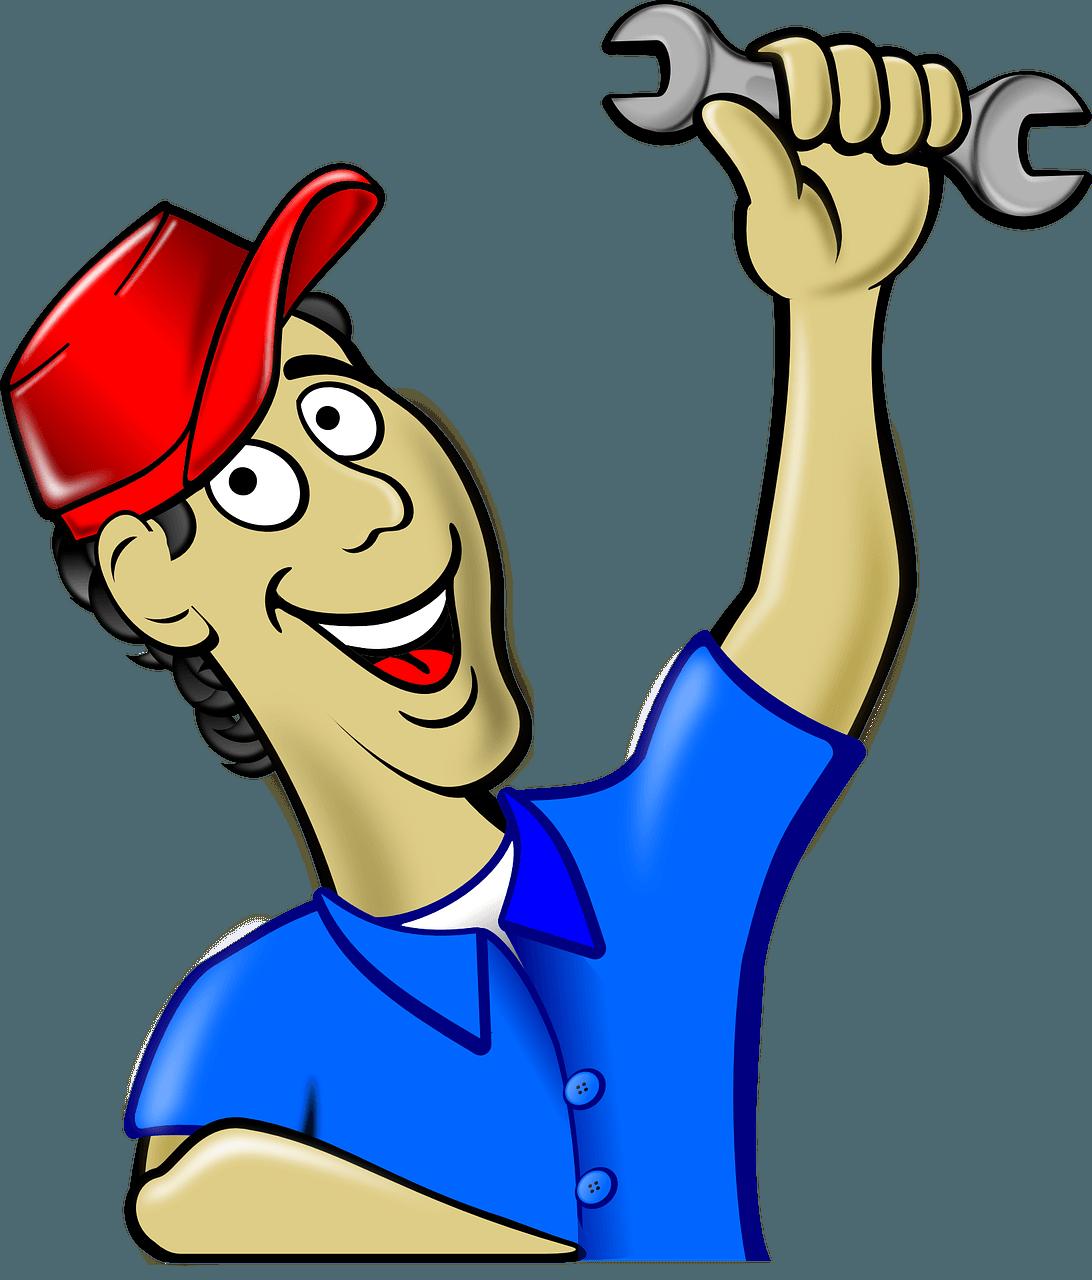 plumber, repair, mechanic